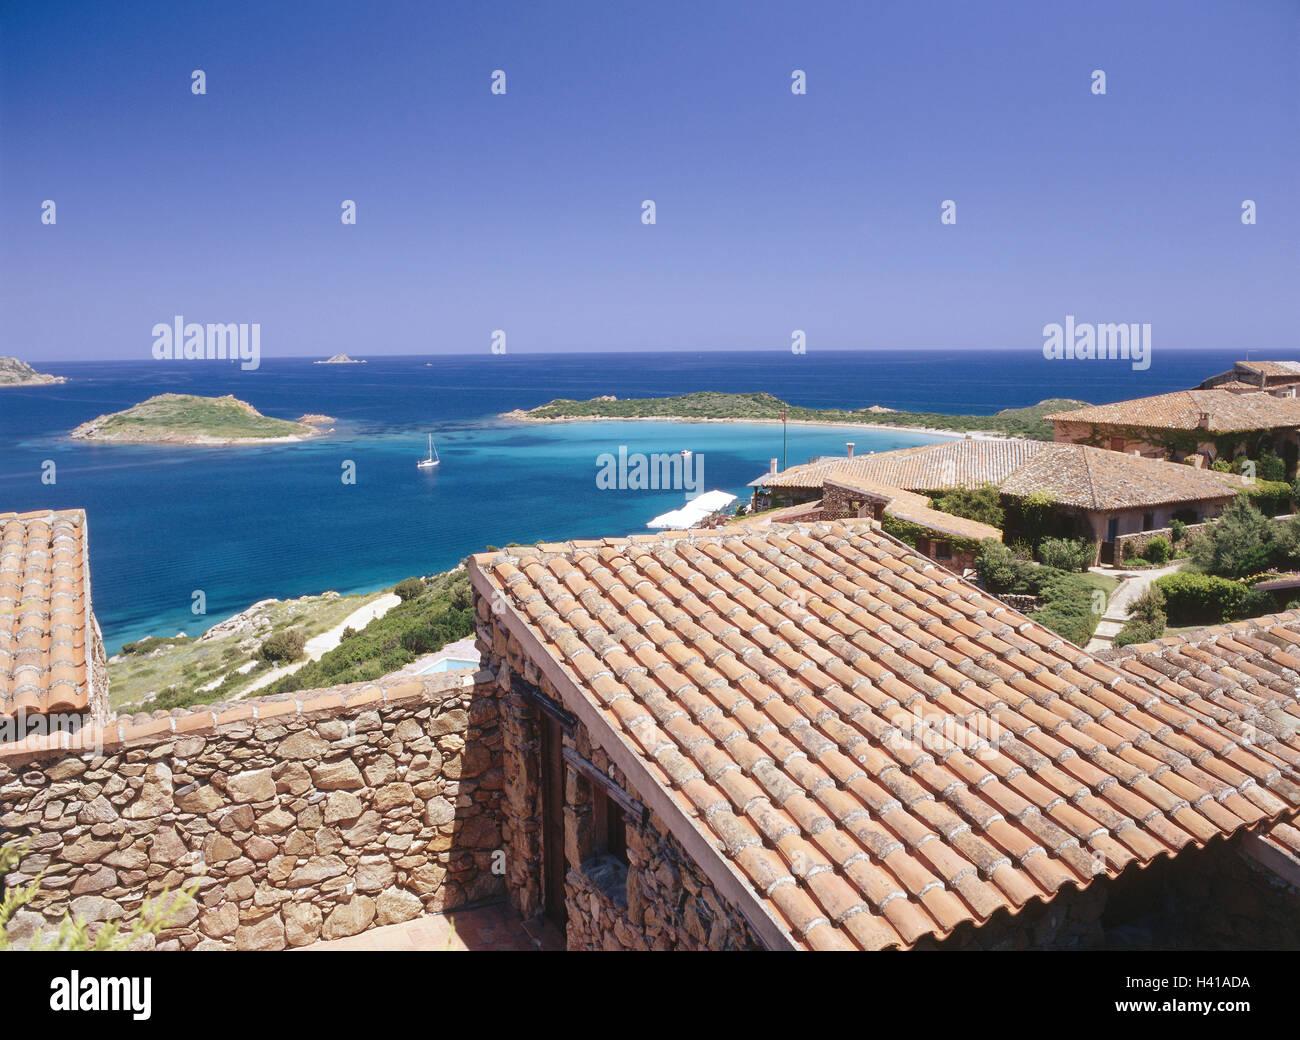 Case Stile Mediterraneo Sardegna : L italia sardegna capo coda cavallo costa case residenziali